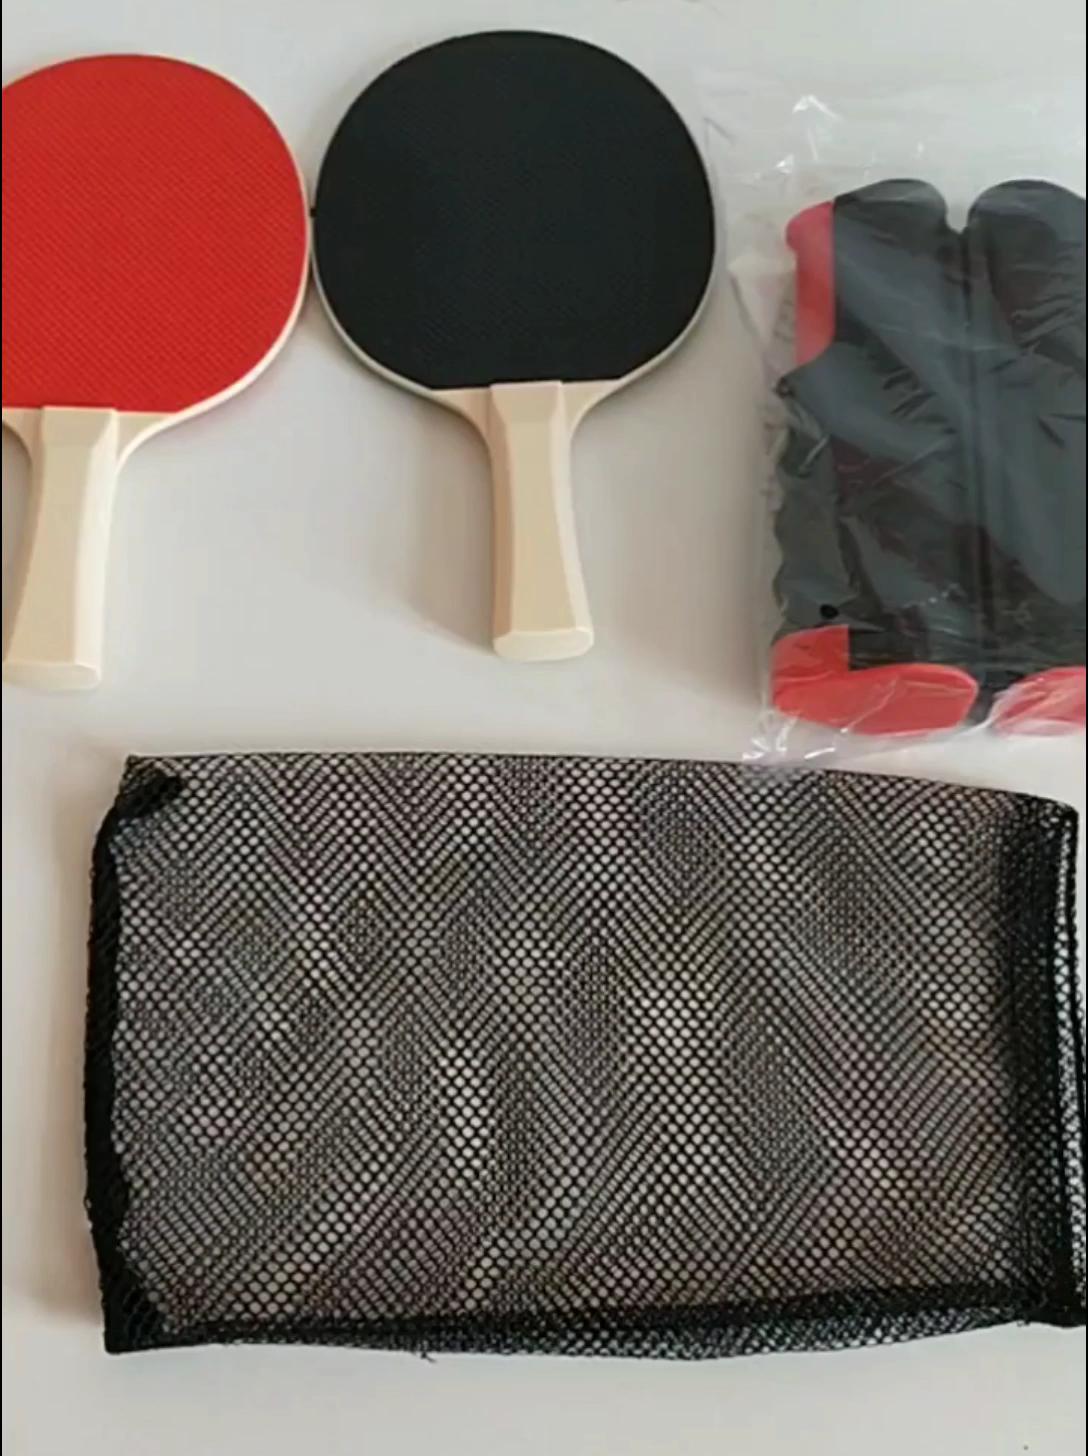 Pas cher En Caoutchouc Durable plastiques ping pong raquette de padel et motif imprimé hall d'exposition en plastique d'affichage de raquette de ping-pong